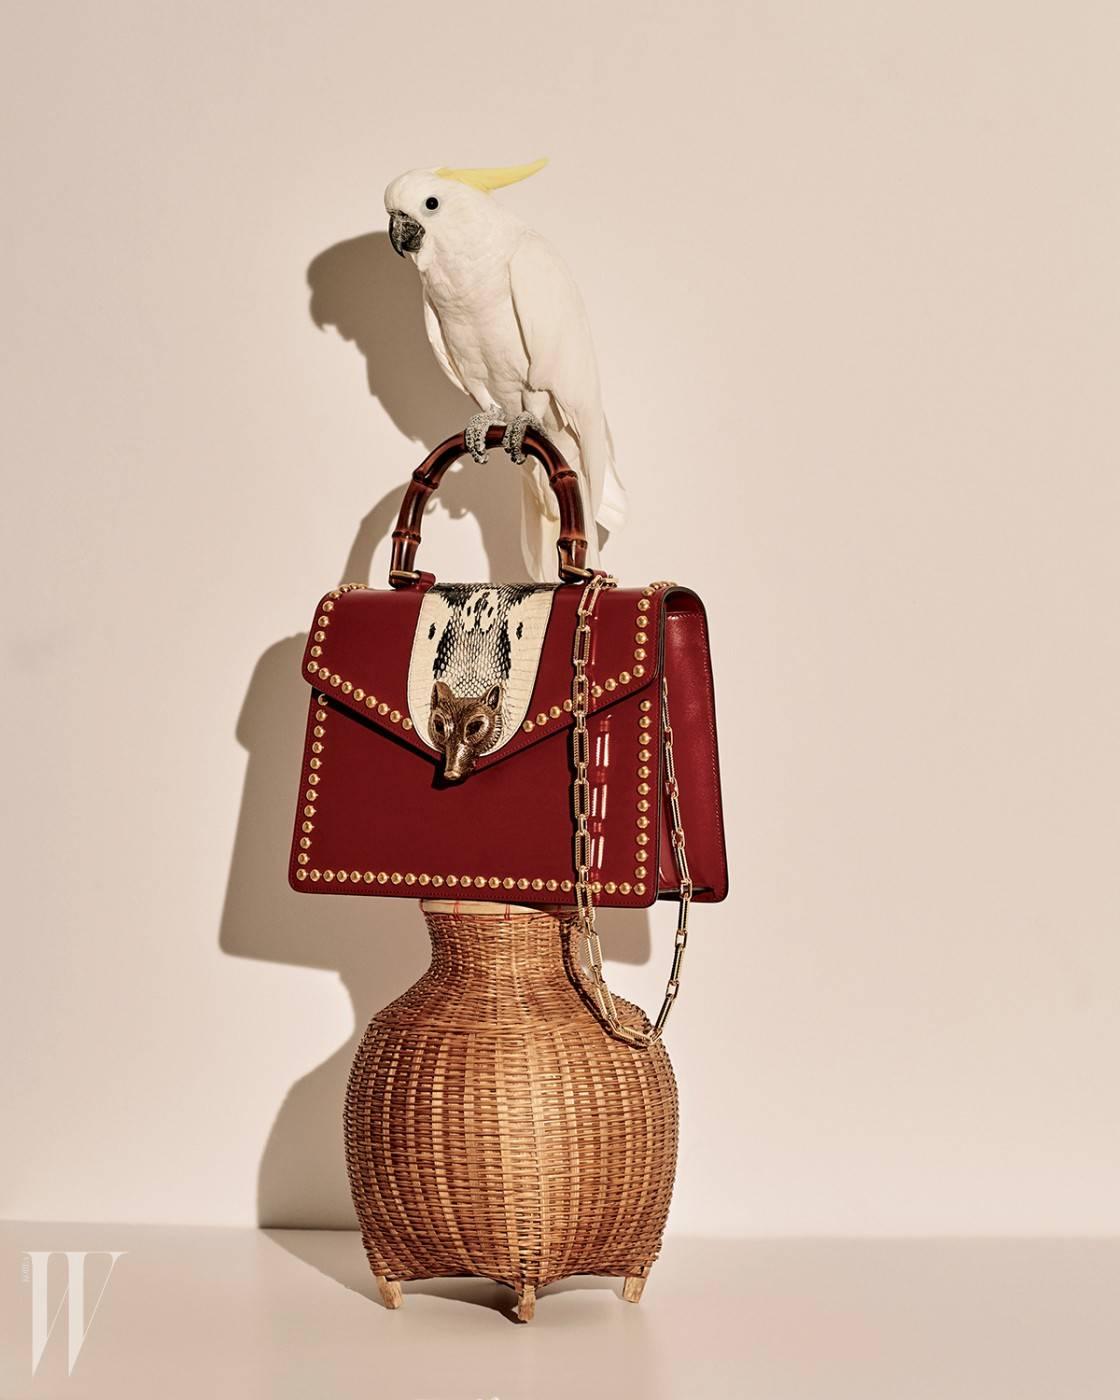 여우 얼굴 모양의 재치 있는 버클이 장식된 뱀부 백은 구찌 제품. 5백70만원대.